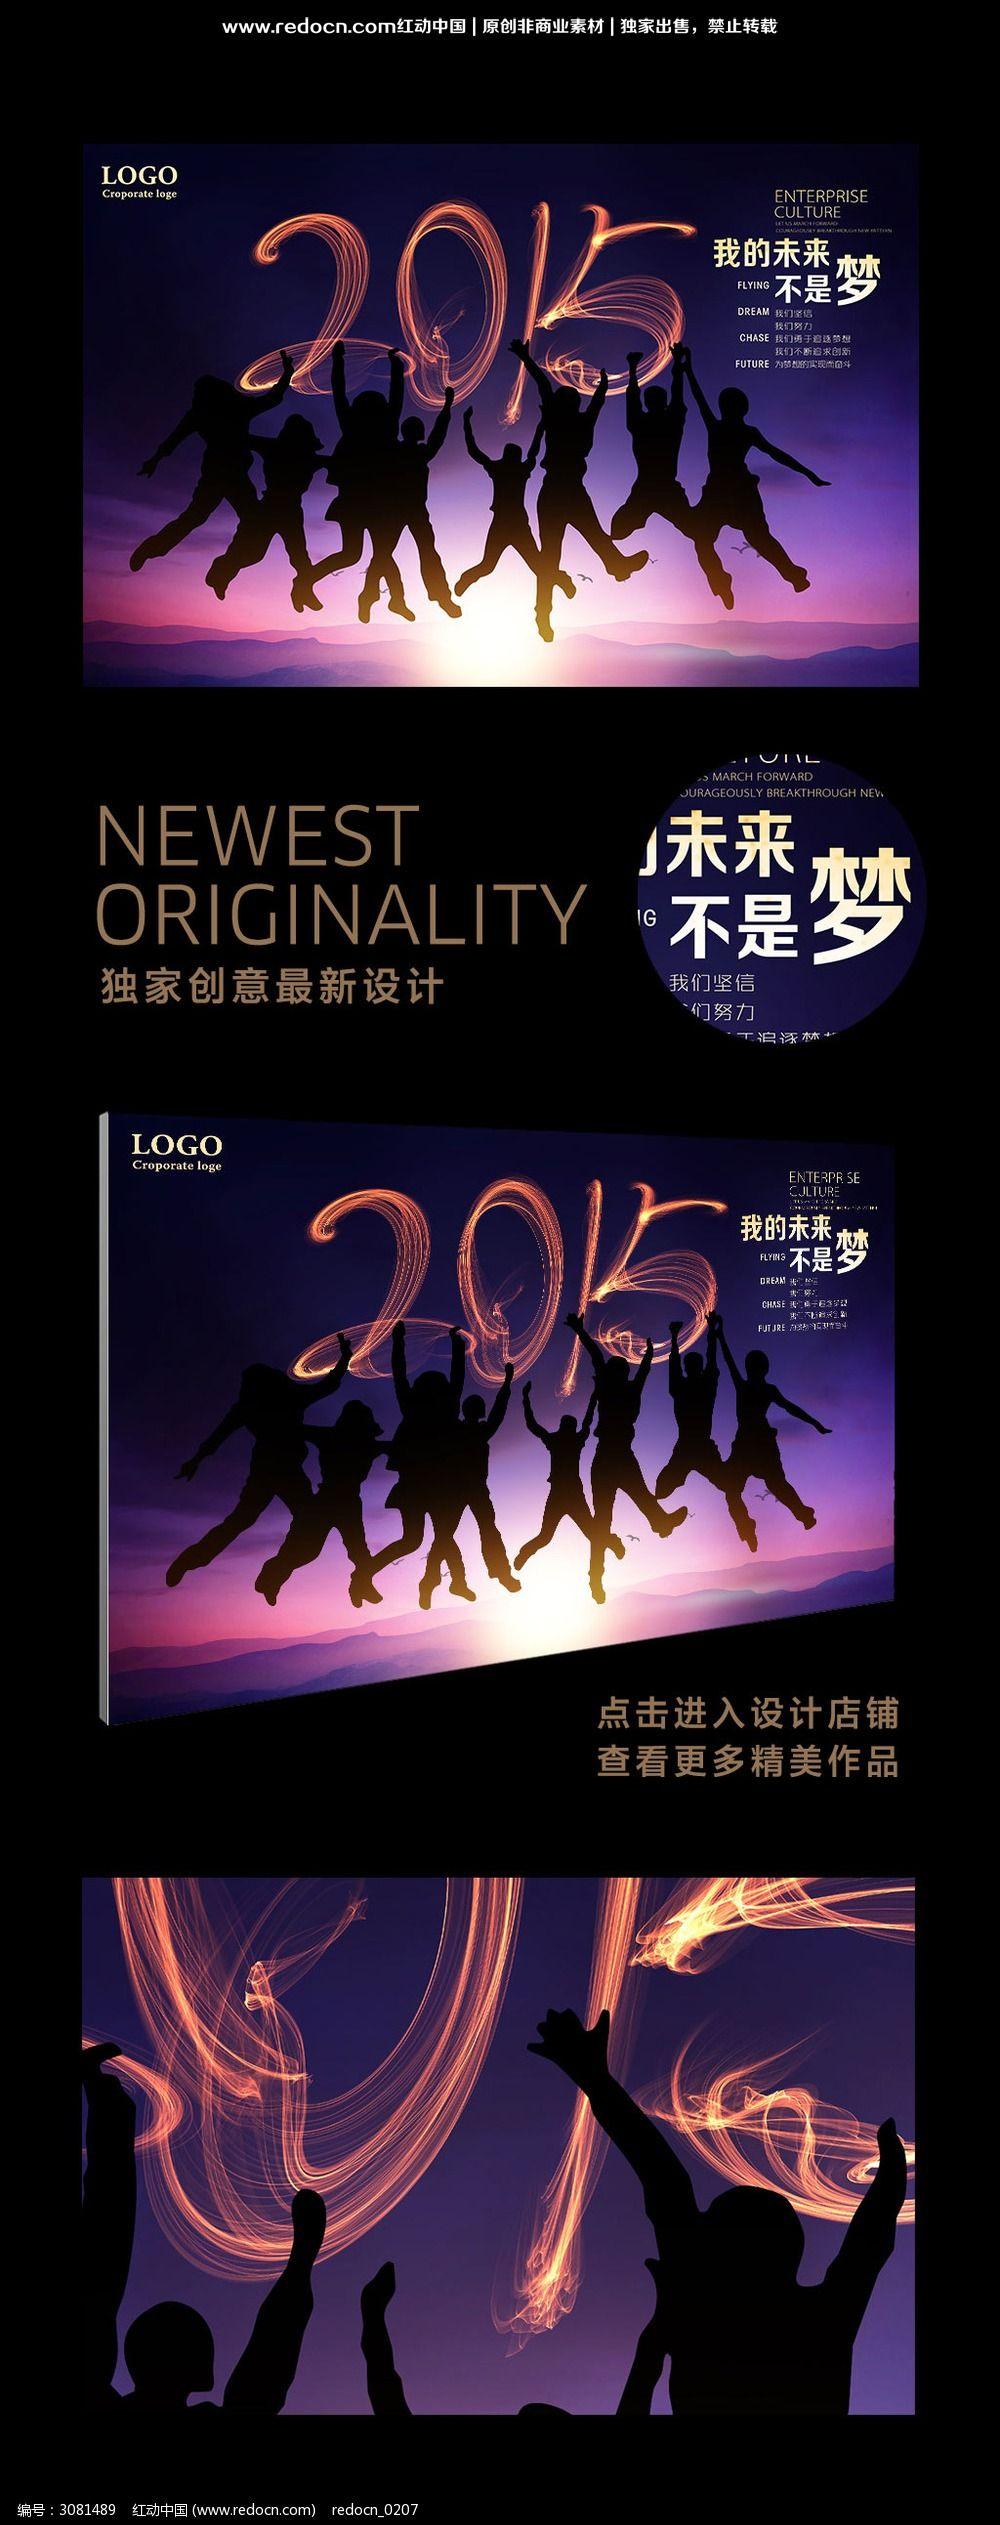 2015年梦想海报创意设计